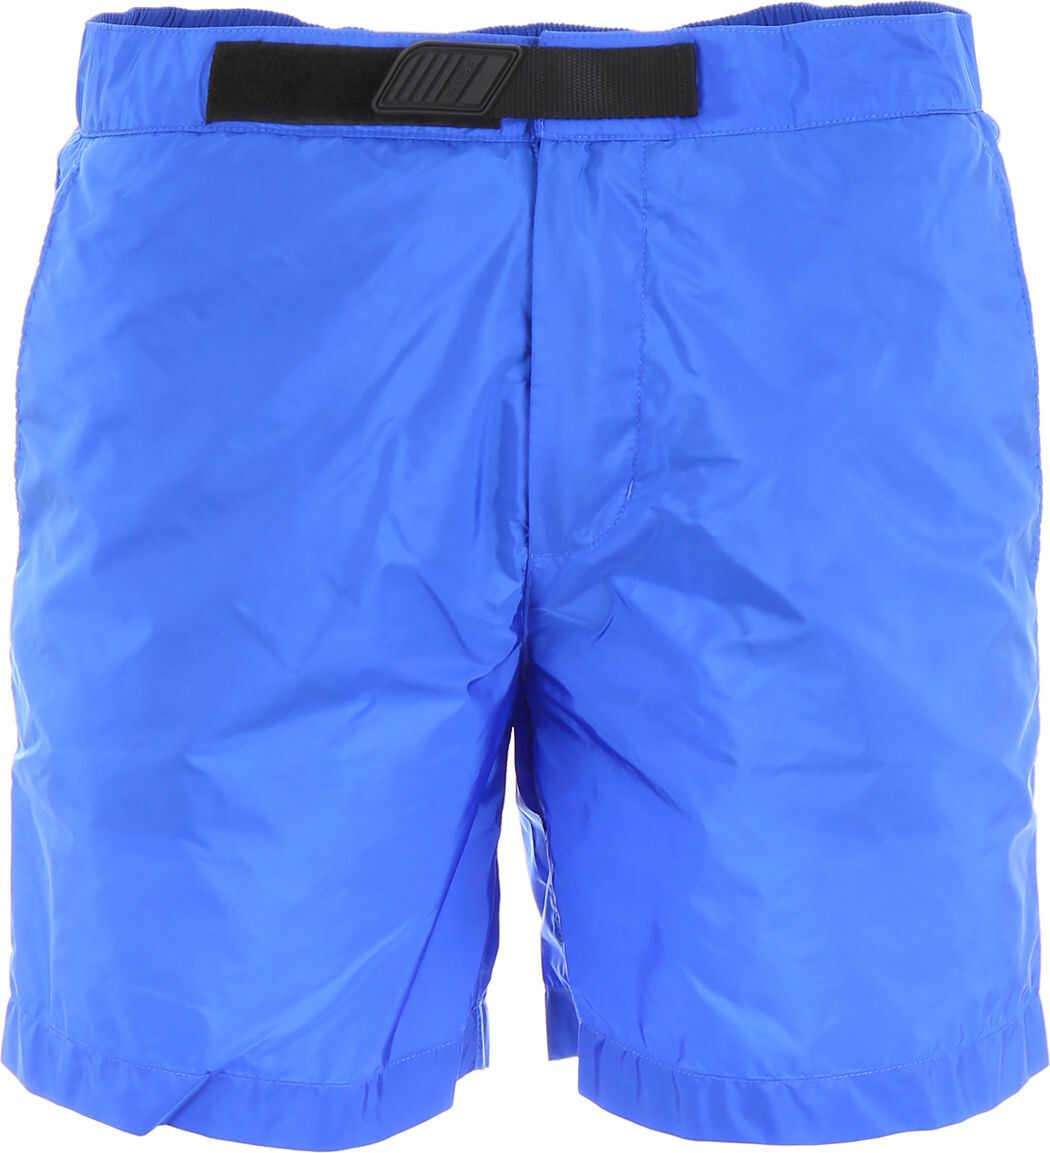 Prada Nylon Swim Shorts BLUETTE